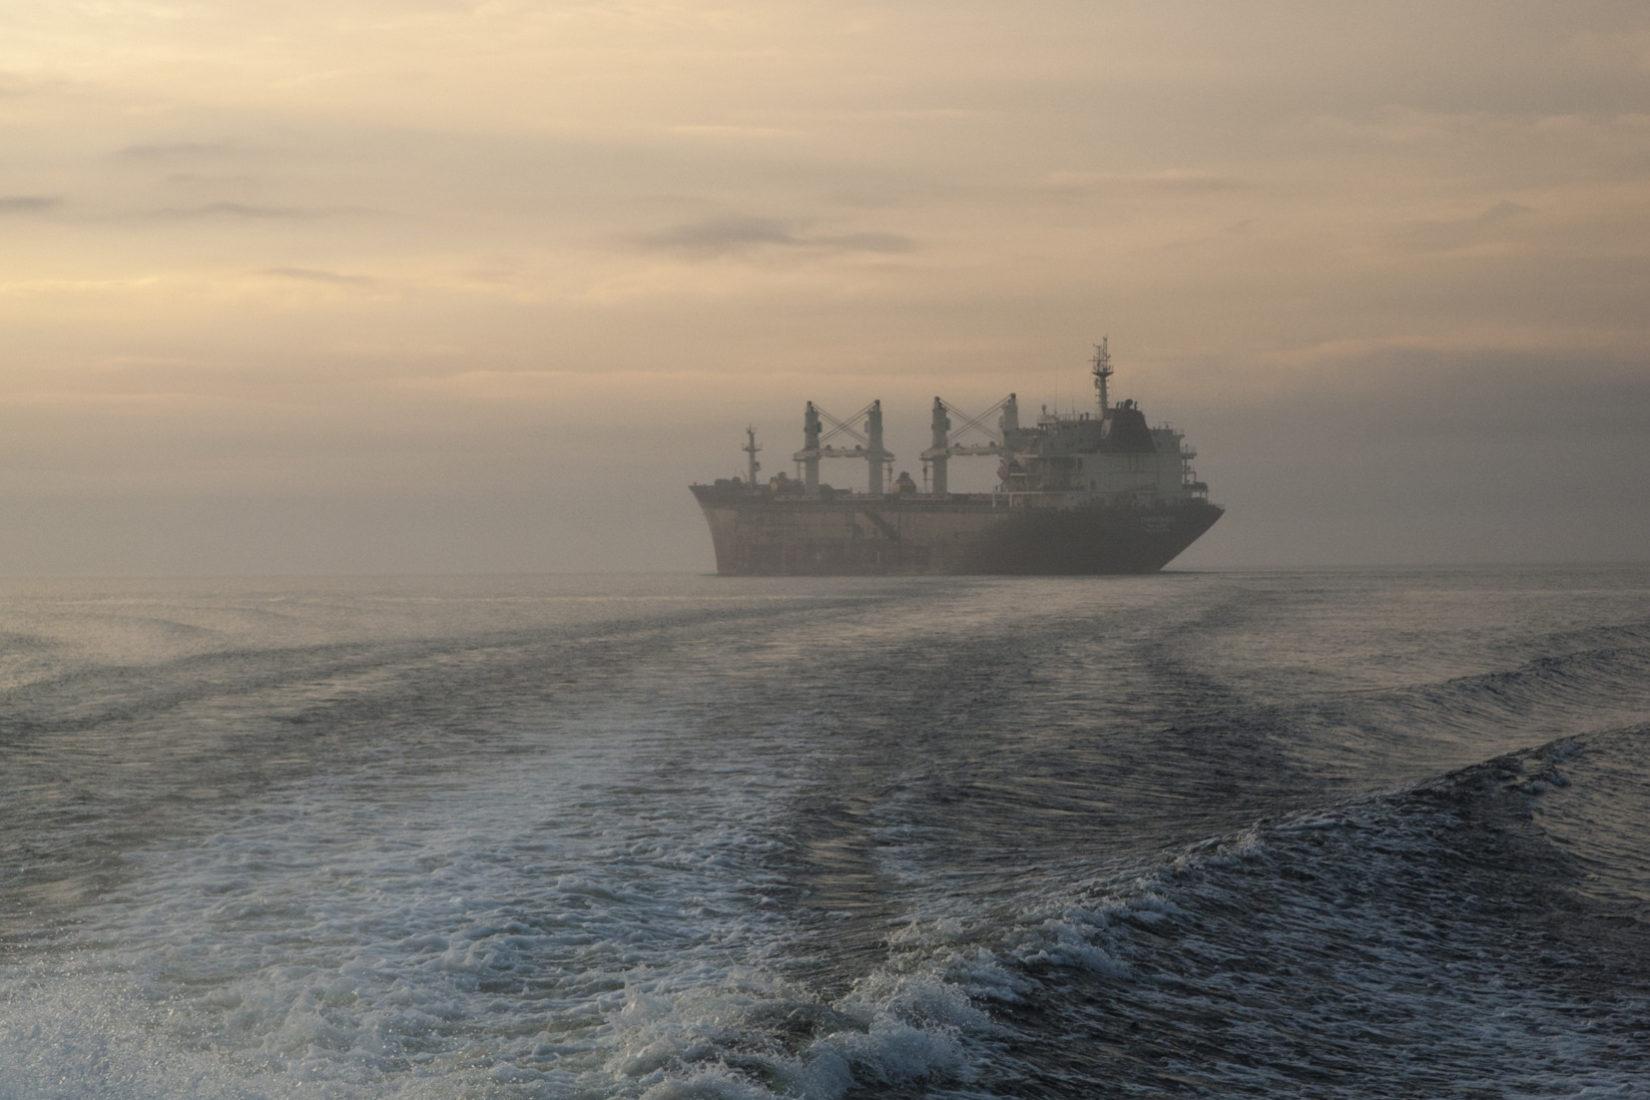 Ship at sea at dawn